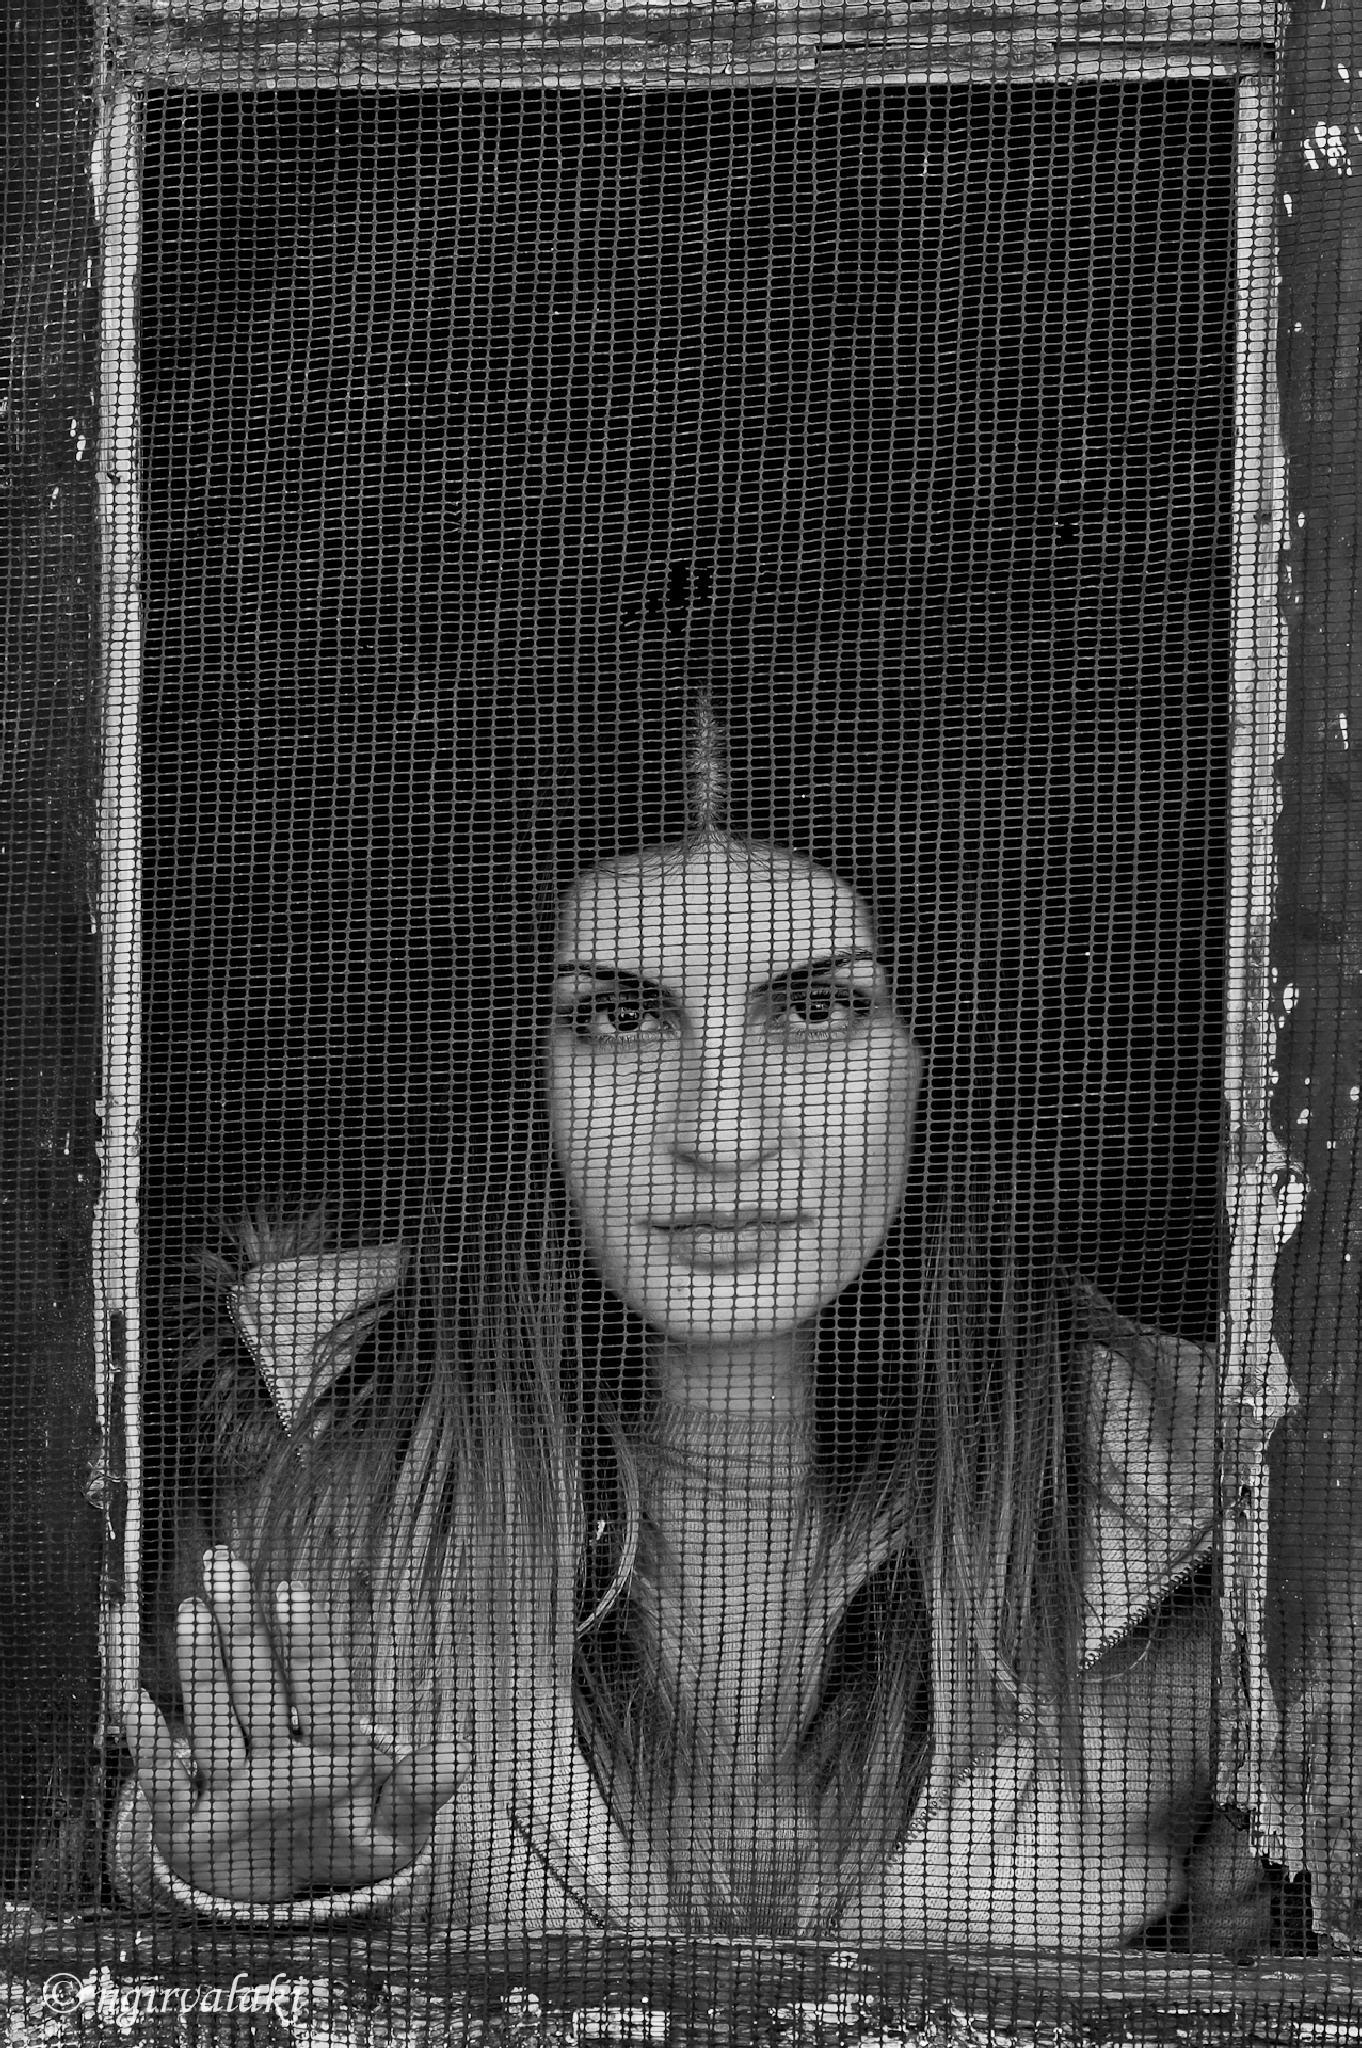 Imprisoned by NEKTARIA GIRVALAKI